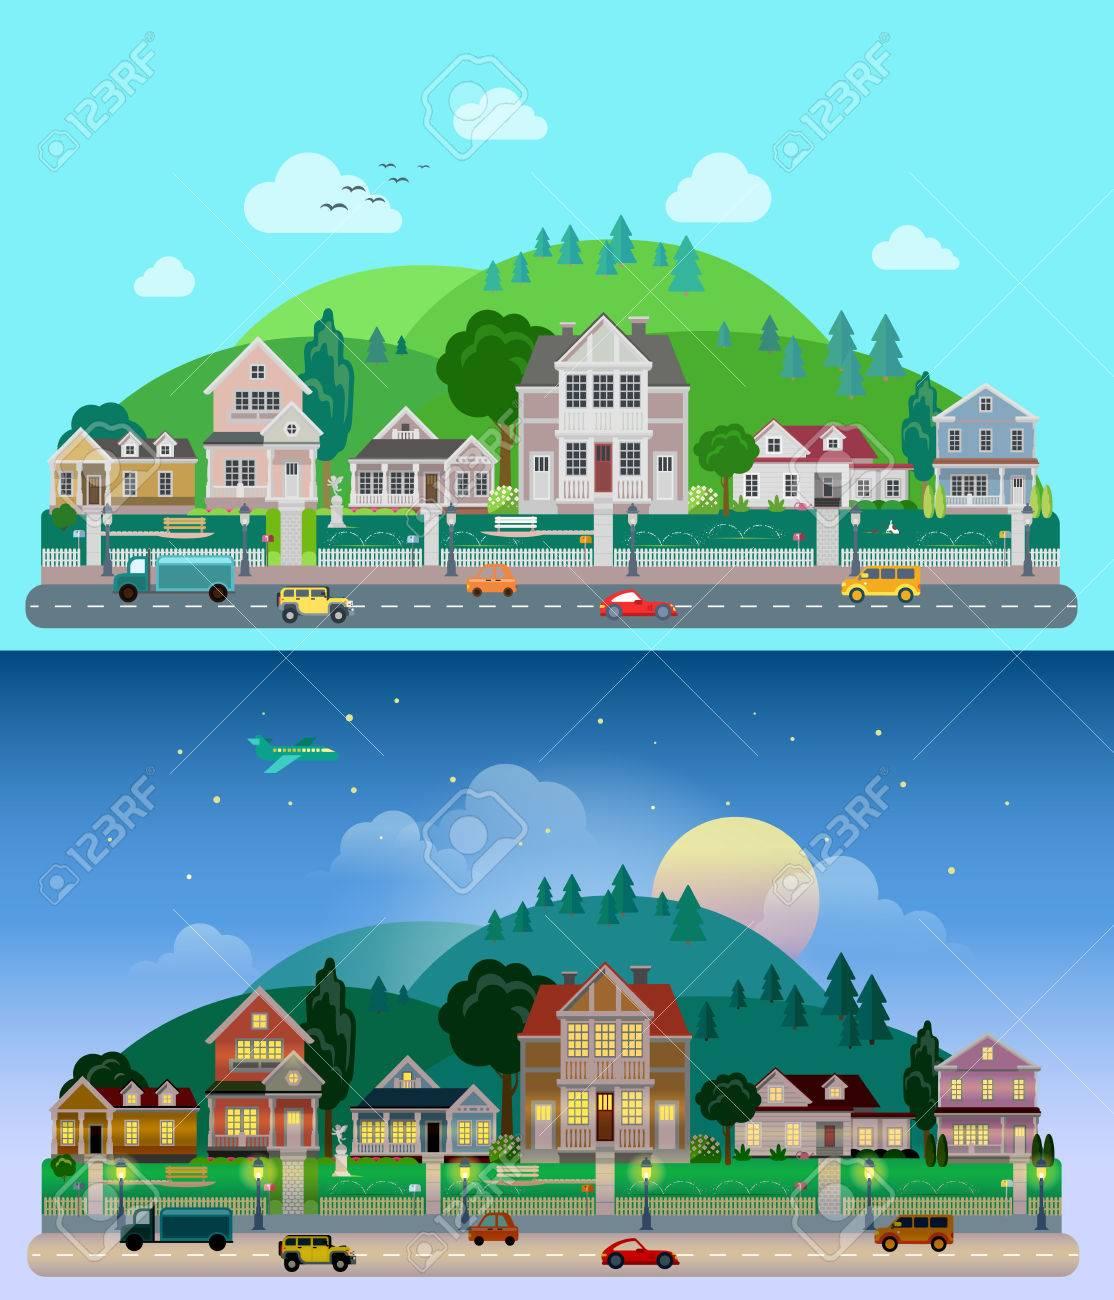 Piso Ciudad De Dibujos Animados Suburbio Establece El Día Y La Noche